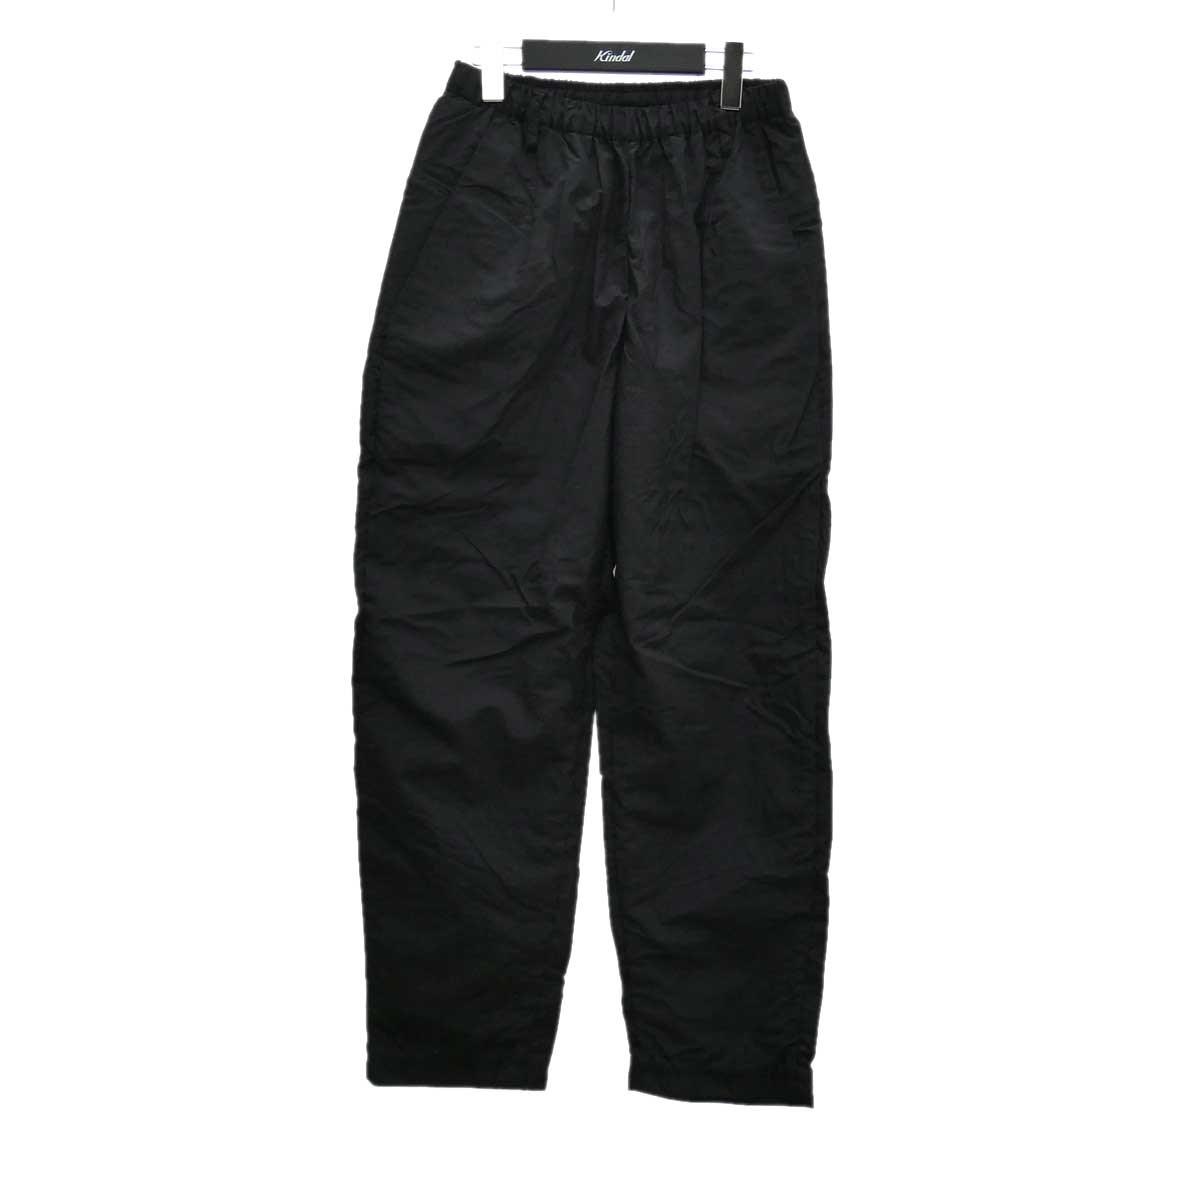 華麗 【】TEATORA Wallet Pants ブラック サイズ:3 【081220】(テアトラ), モーム/ソファテーブルベッド 1d64557f